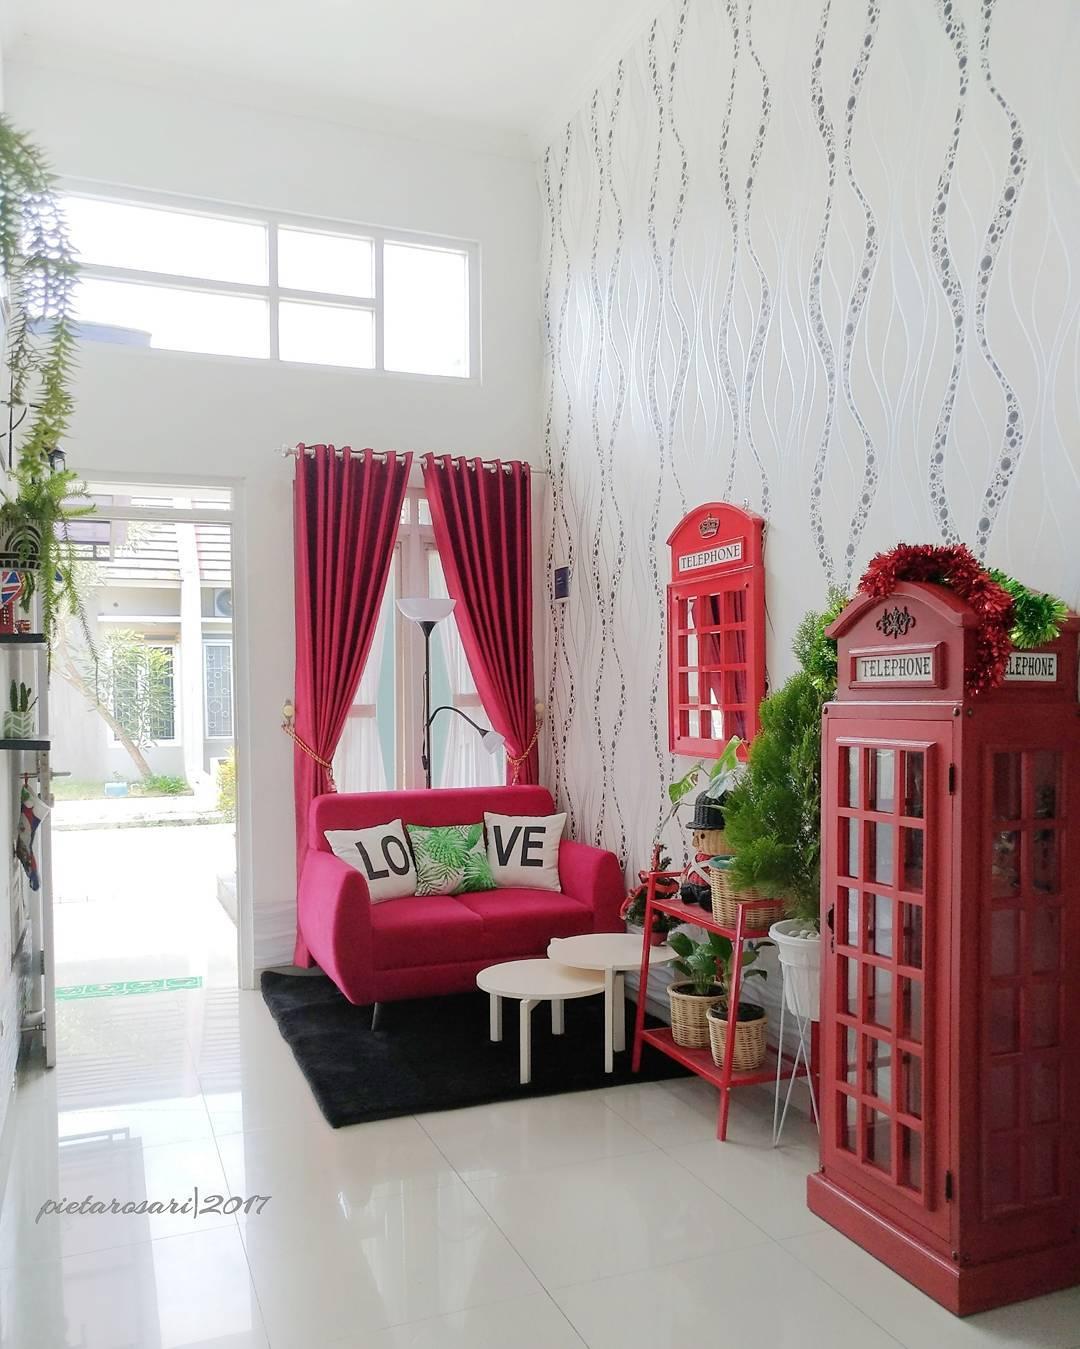 Foto Dekorasi Ruang Tamu Warna Merah Rumah Minimalis